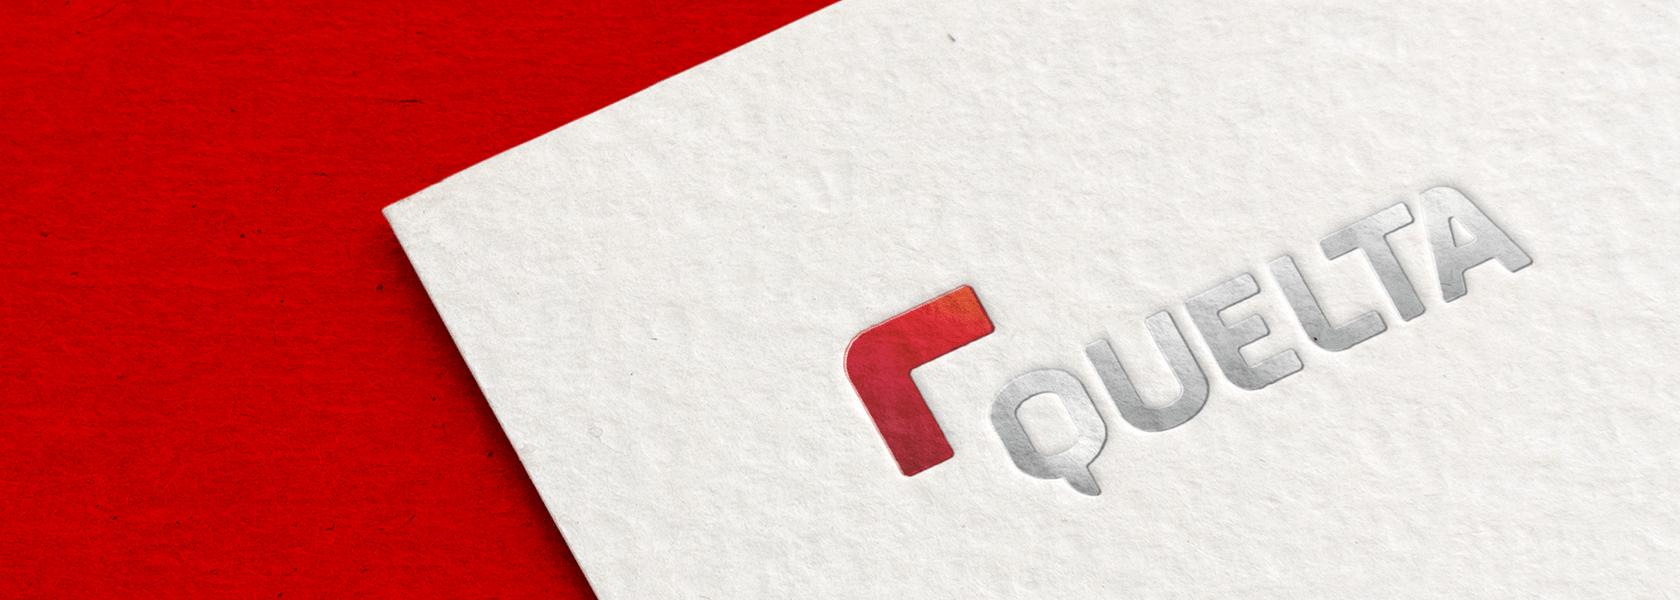 Identyfikacja wizualna dla marki Quelta